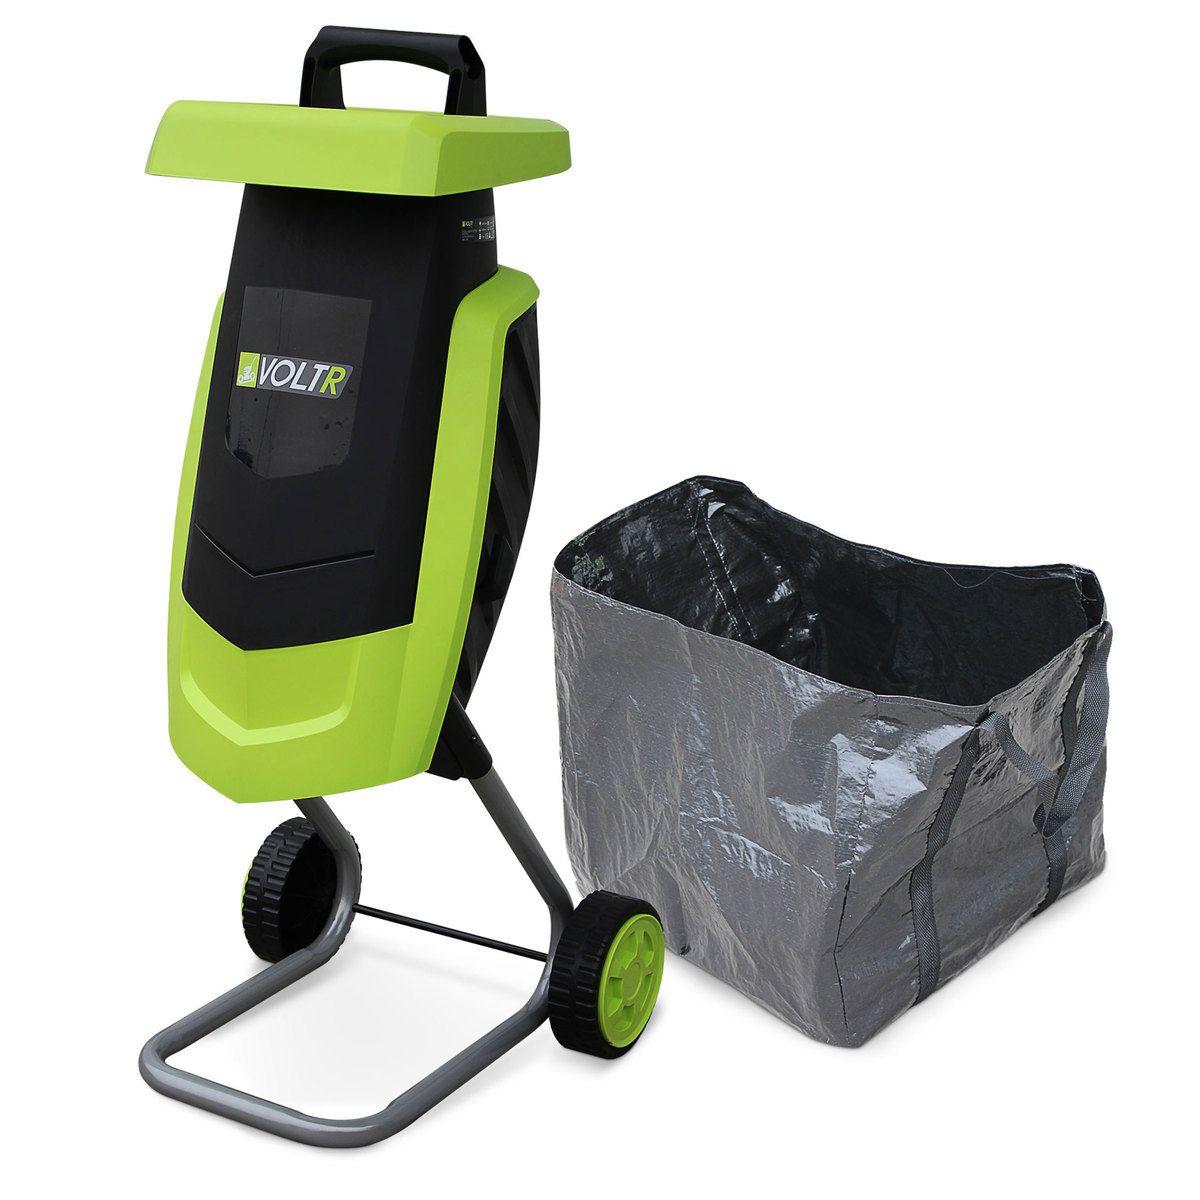 image Broyeur à végétaux électrique VOLTR, 2200W avec sac de